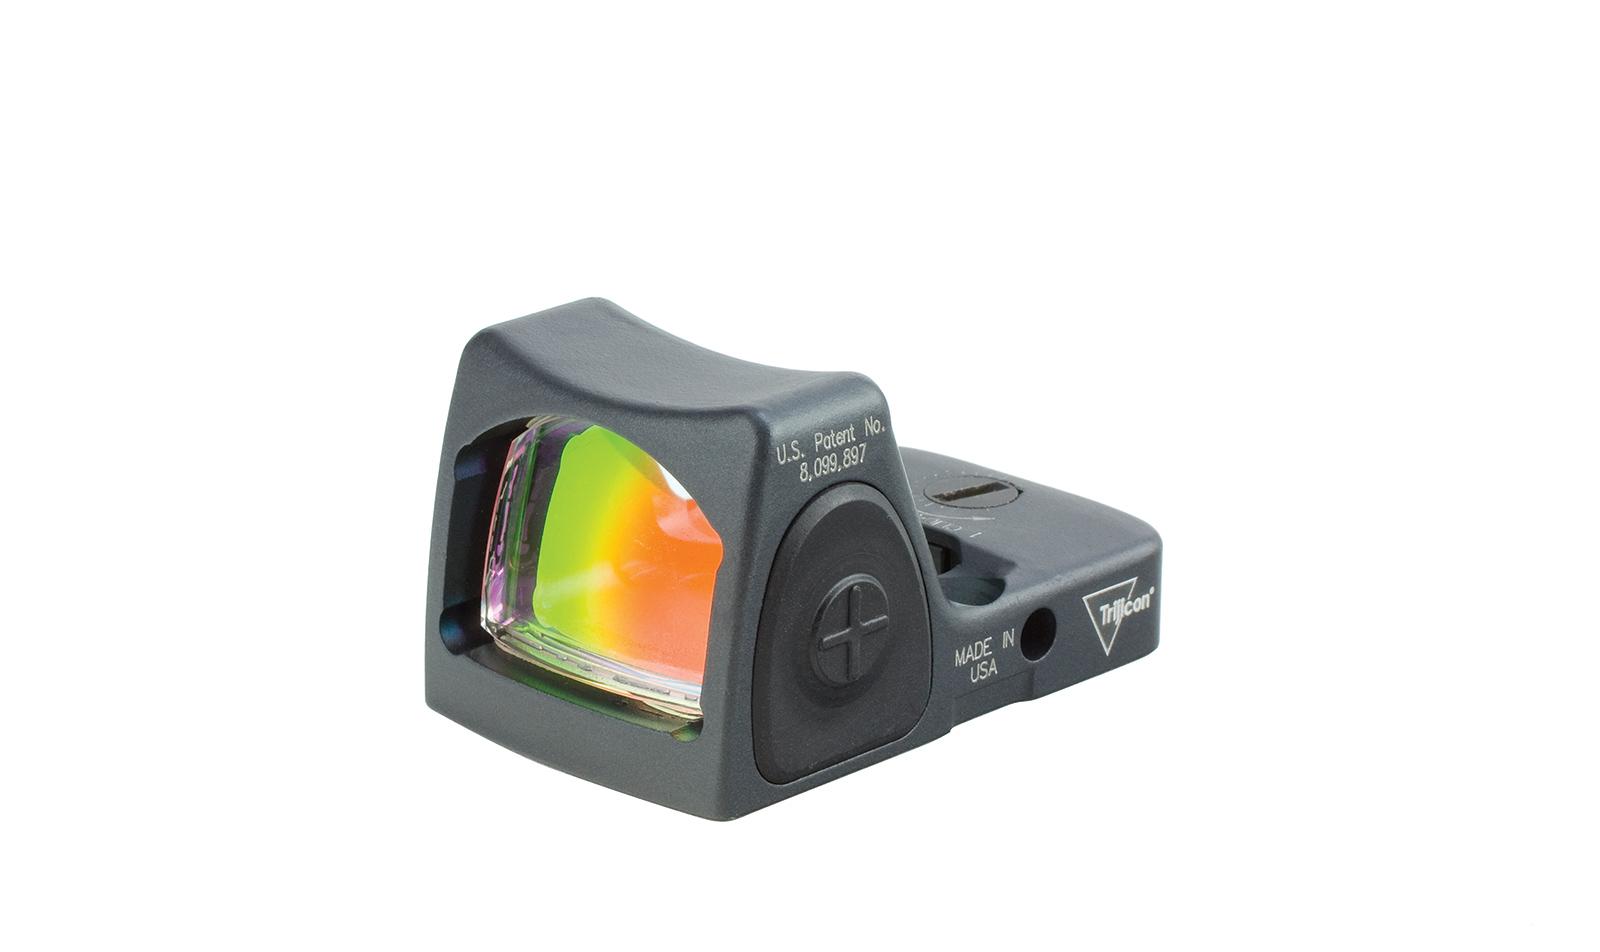 RM07-C-700715 angle 1